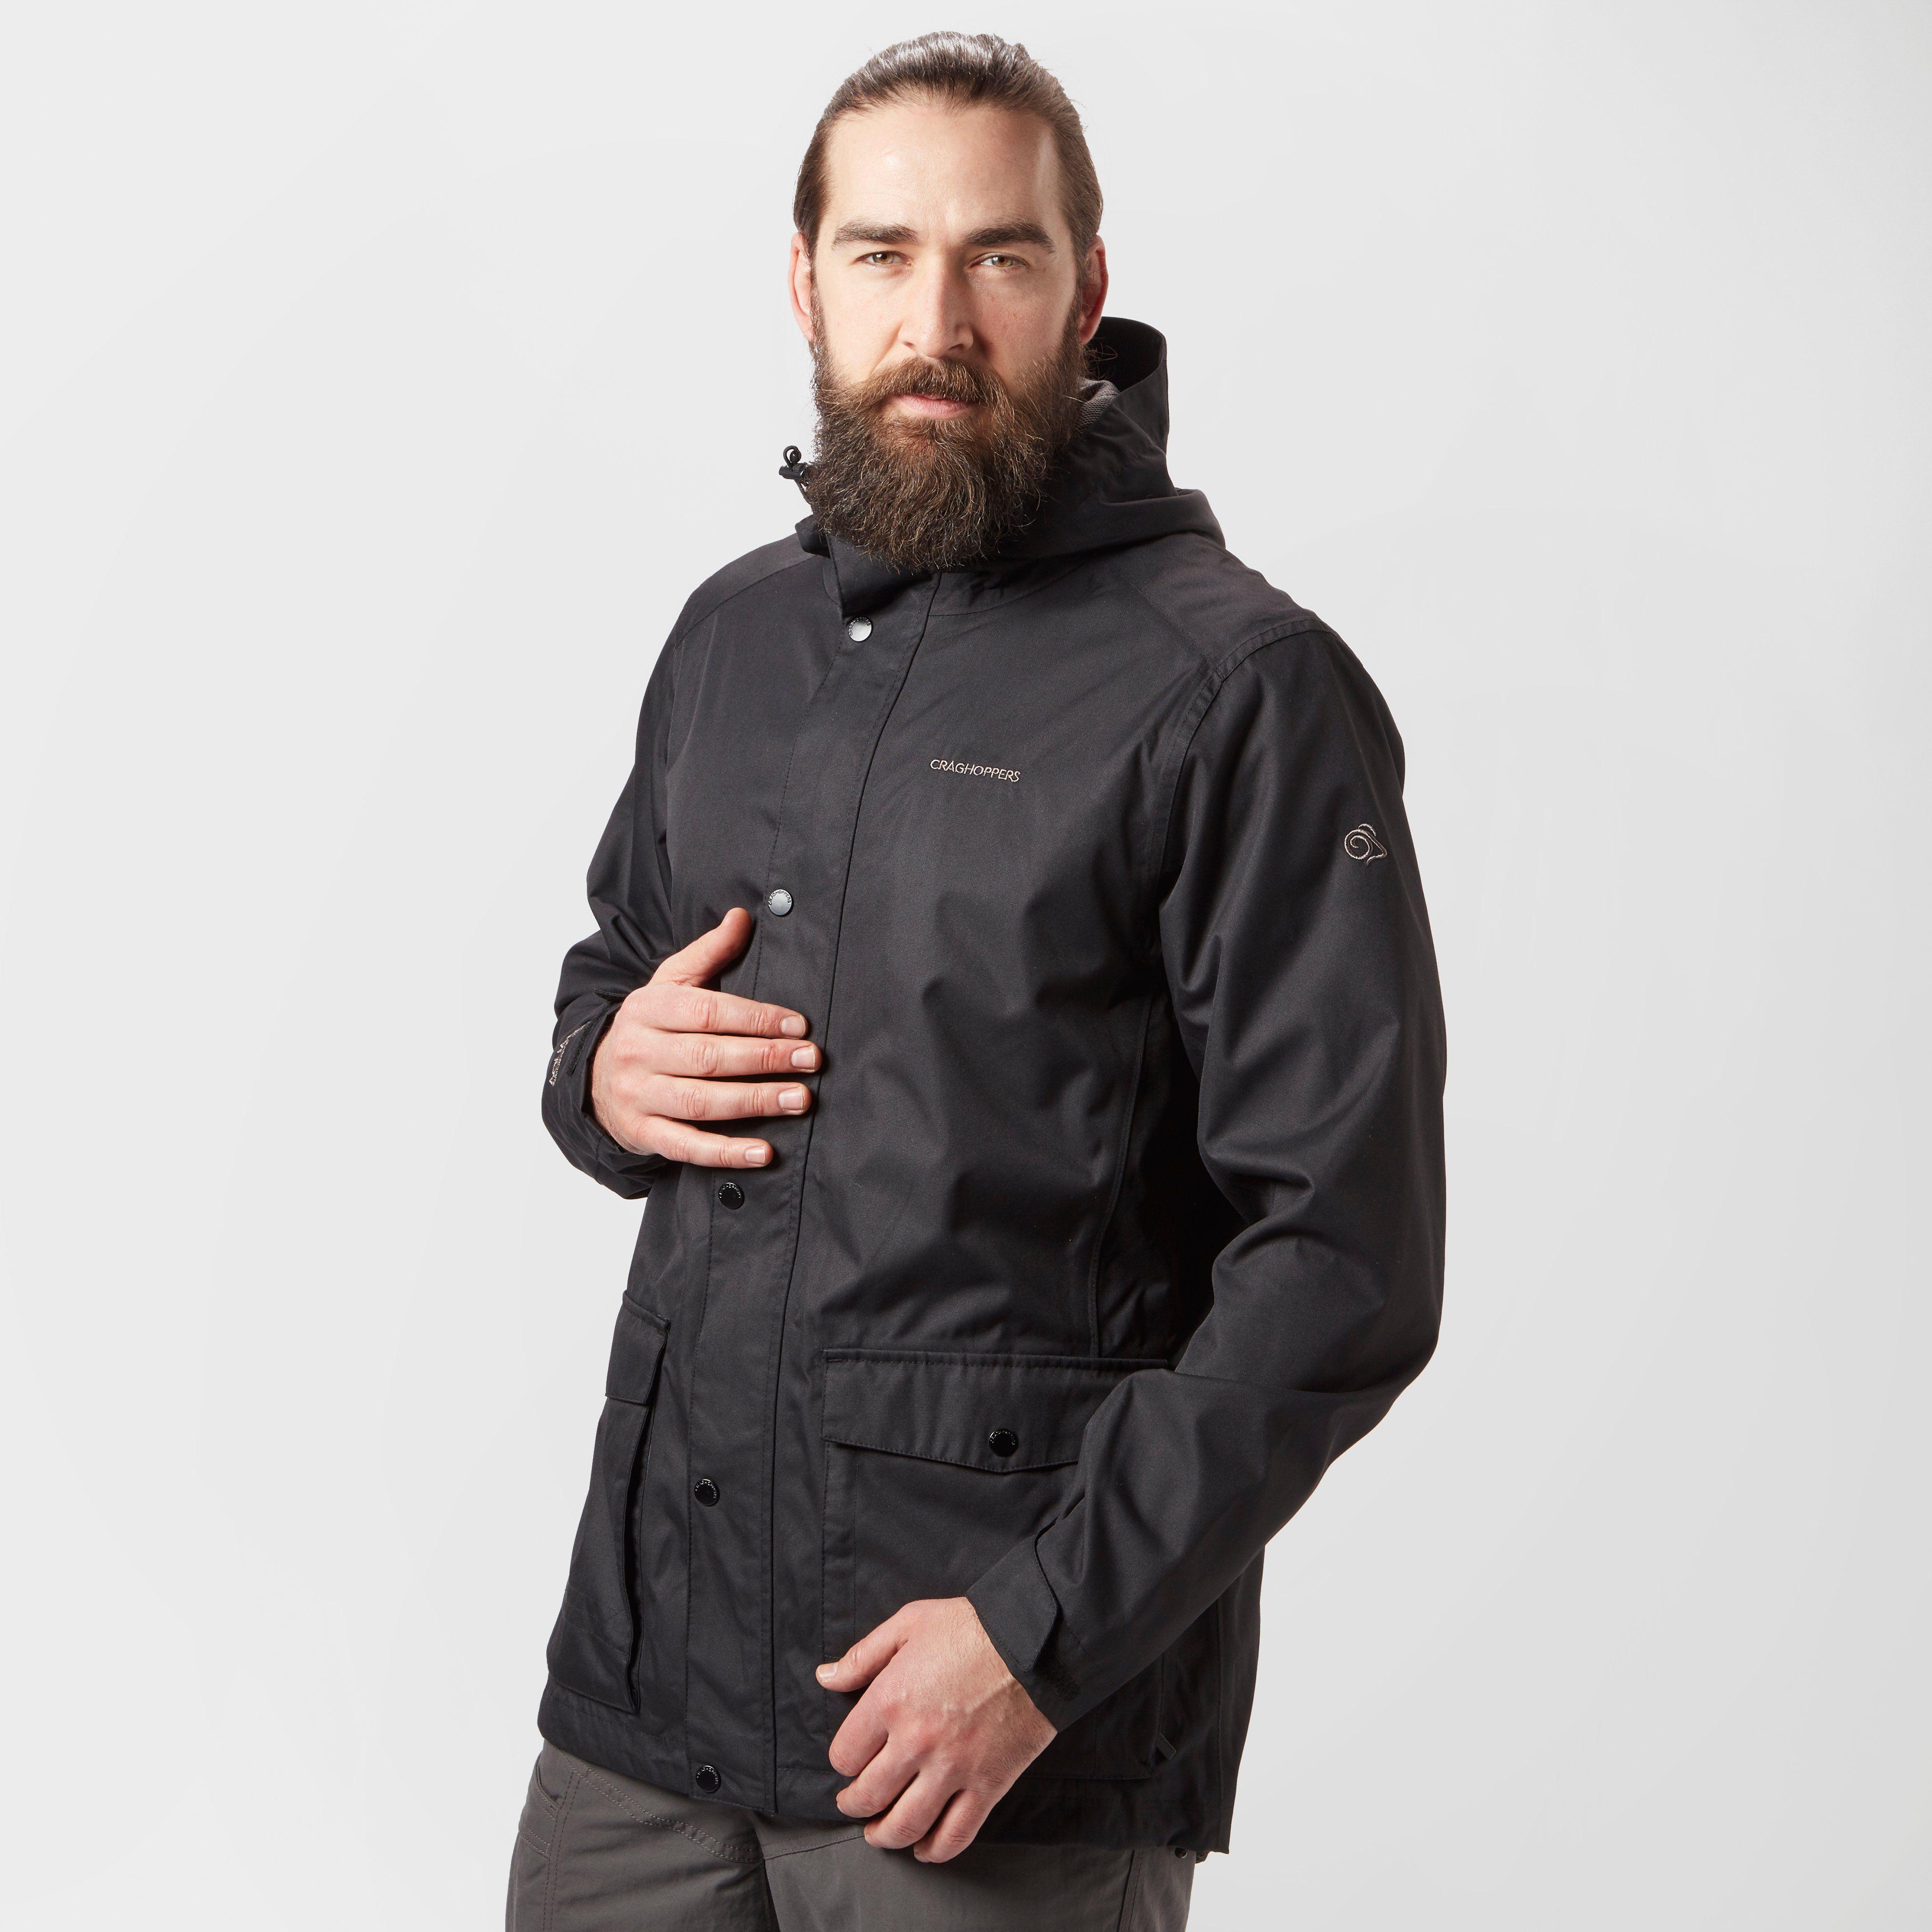 CRAGHOPPERS Men's Kiwi Jacket